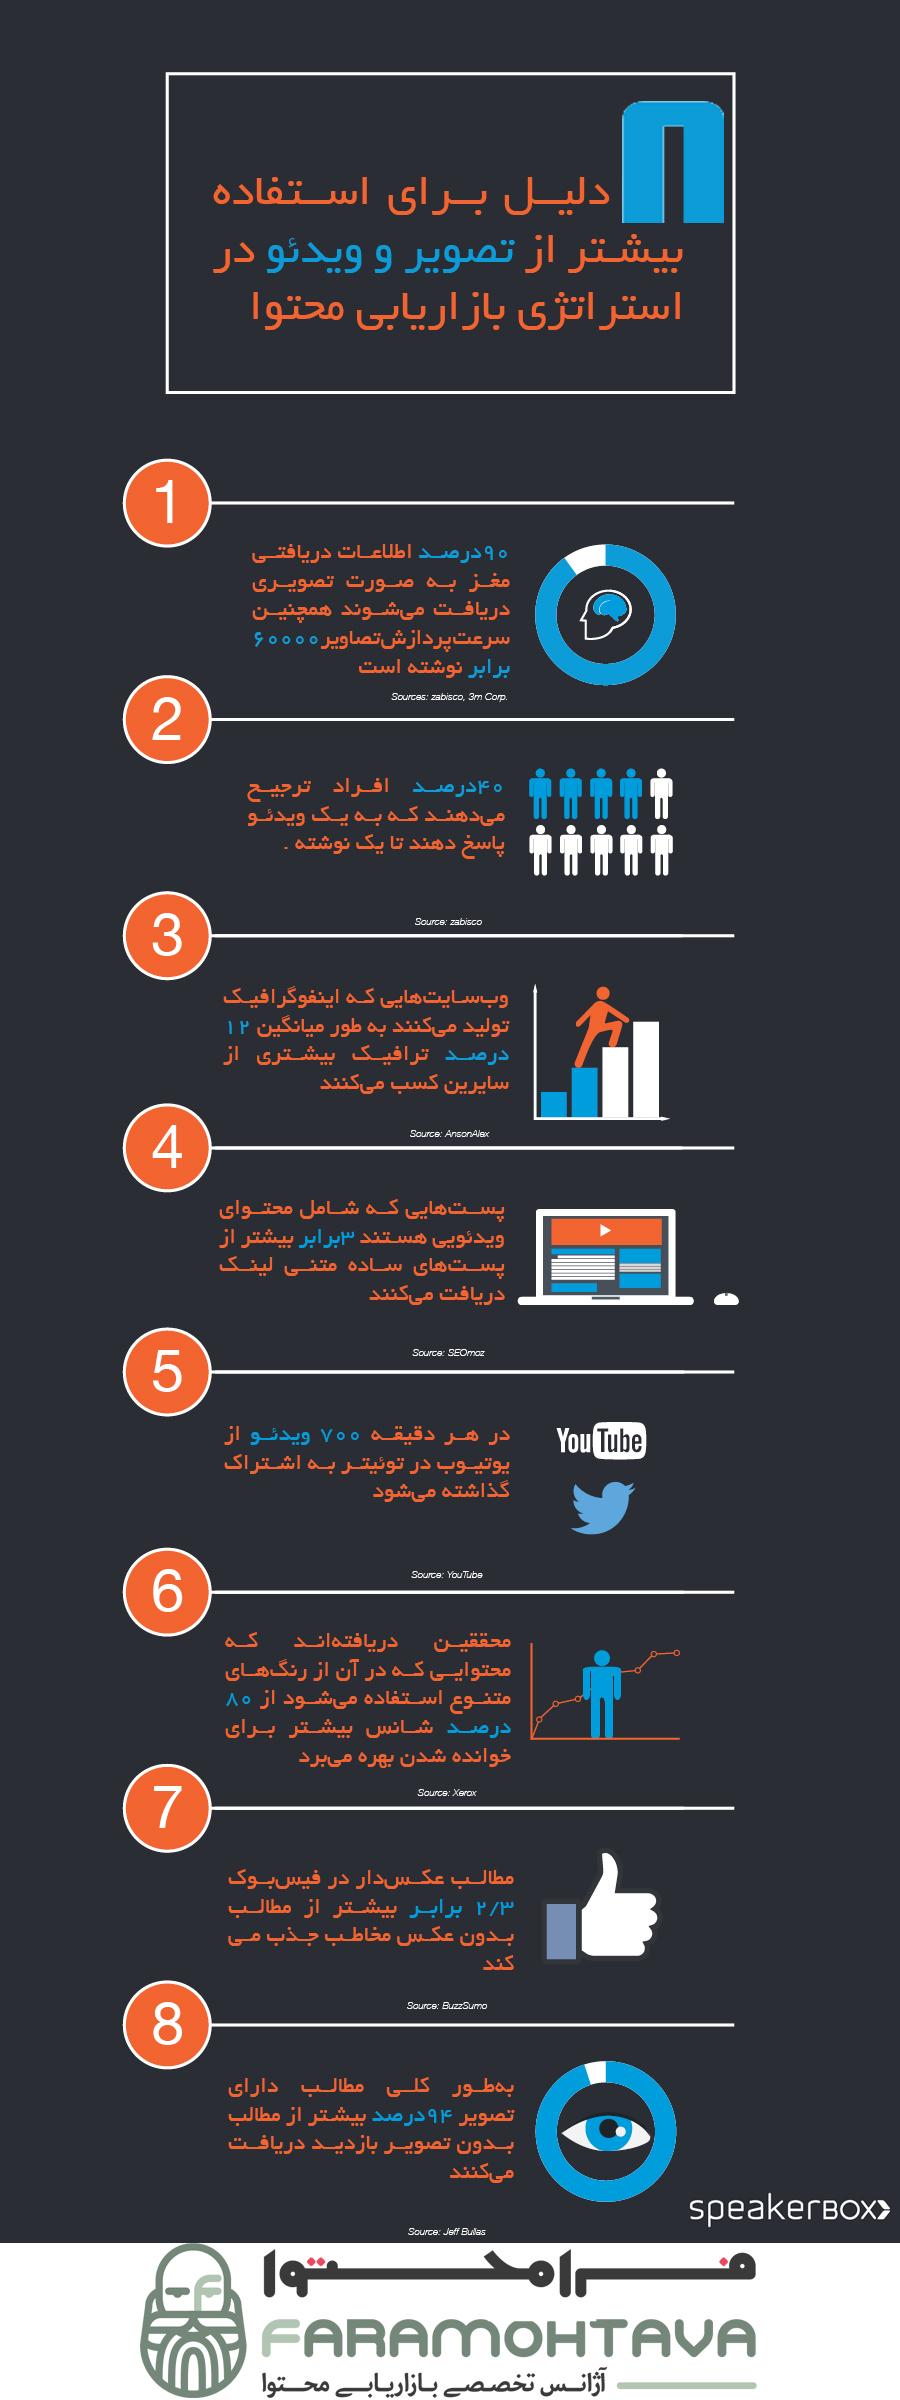 8 دلیل برای استفاده از ویدئو و عکس در محتوا